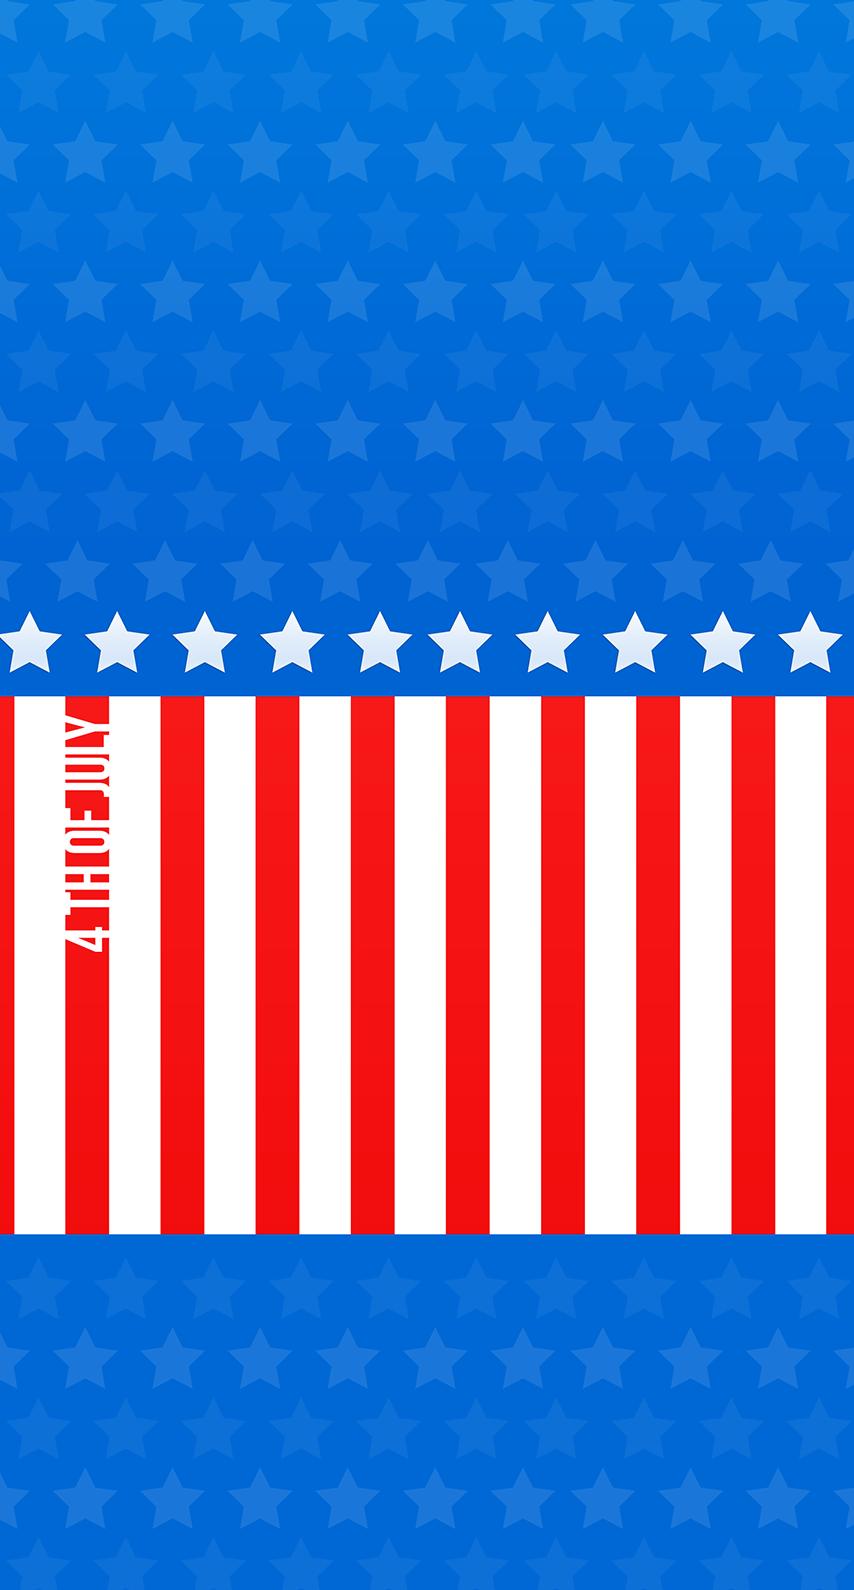 patriotism, united